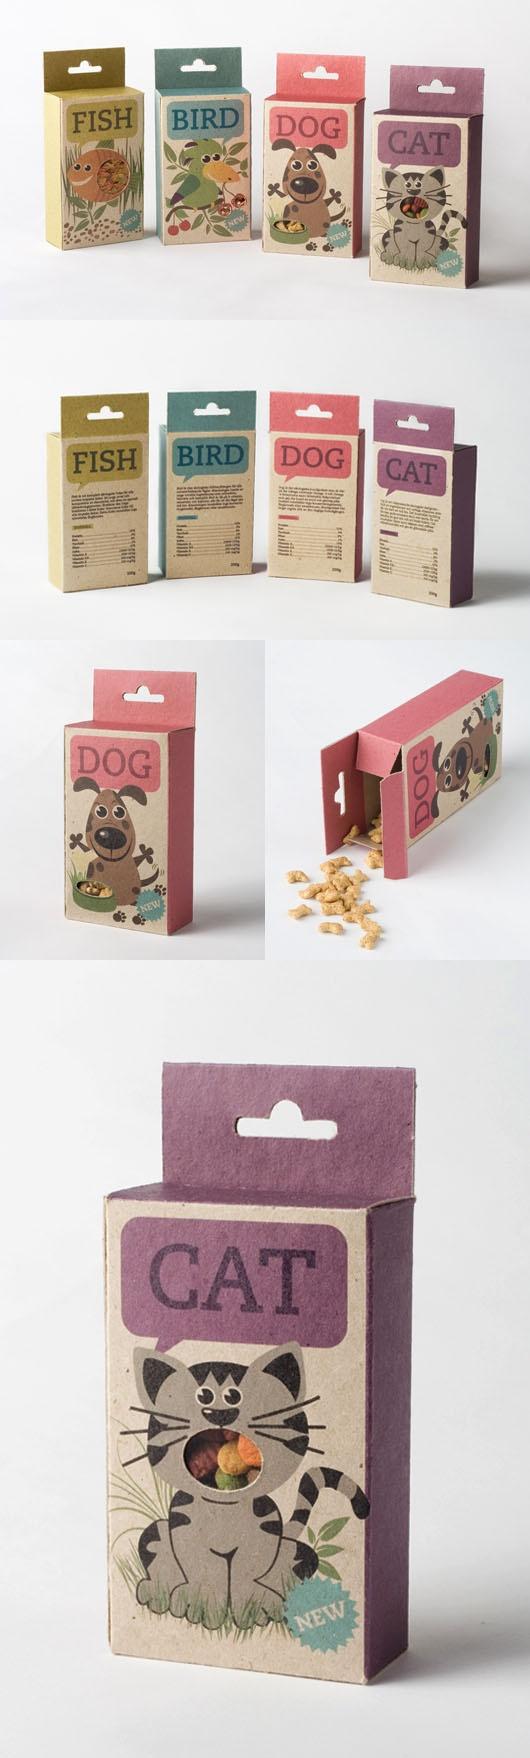 Packaging #3